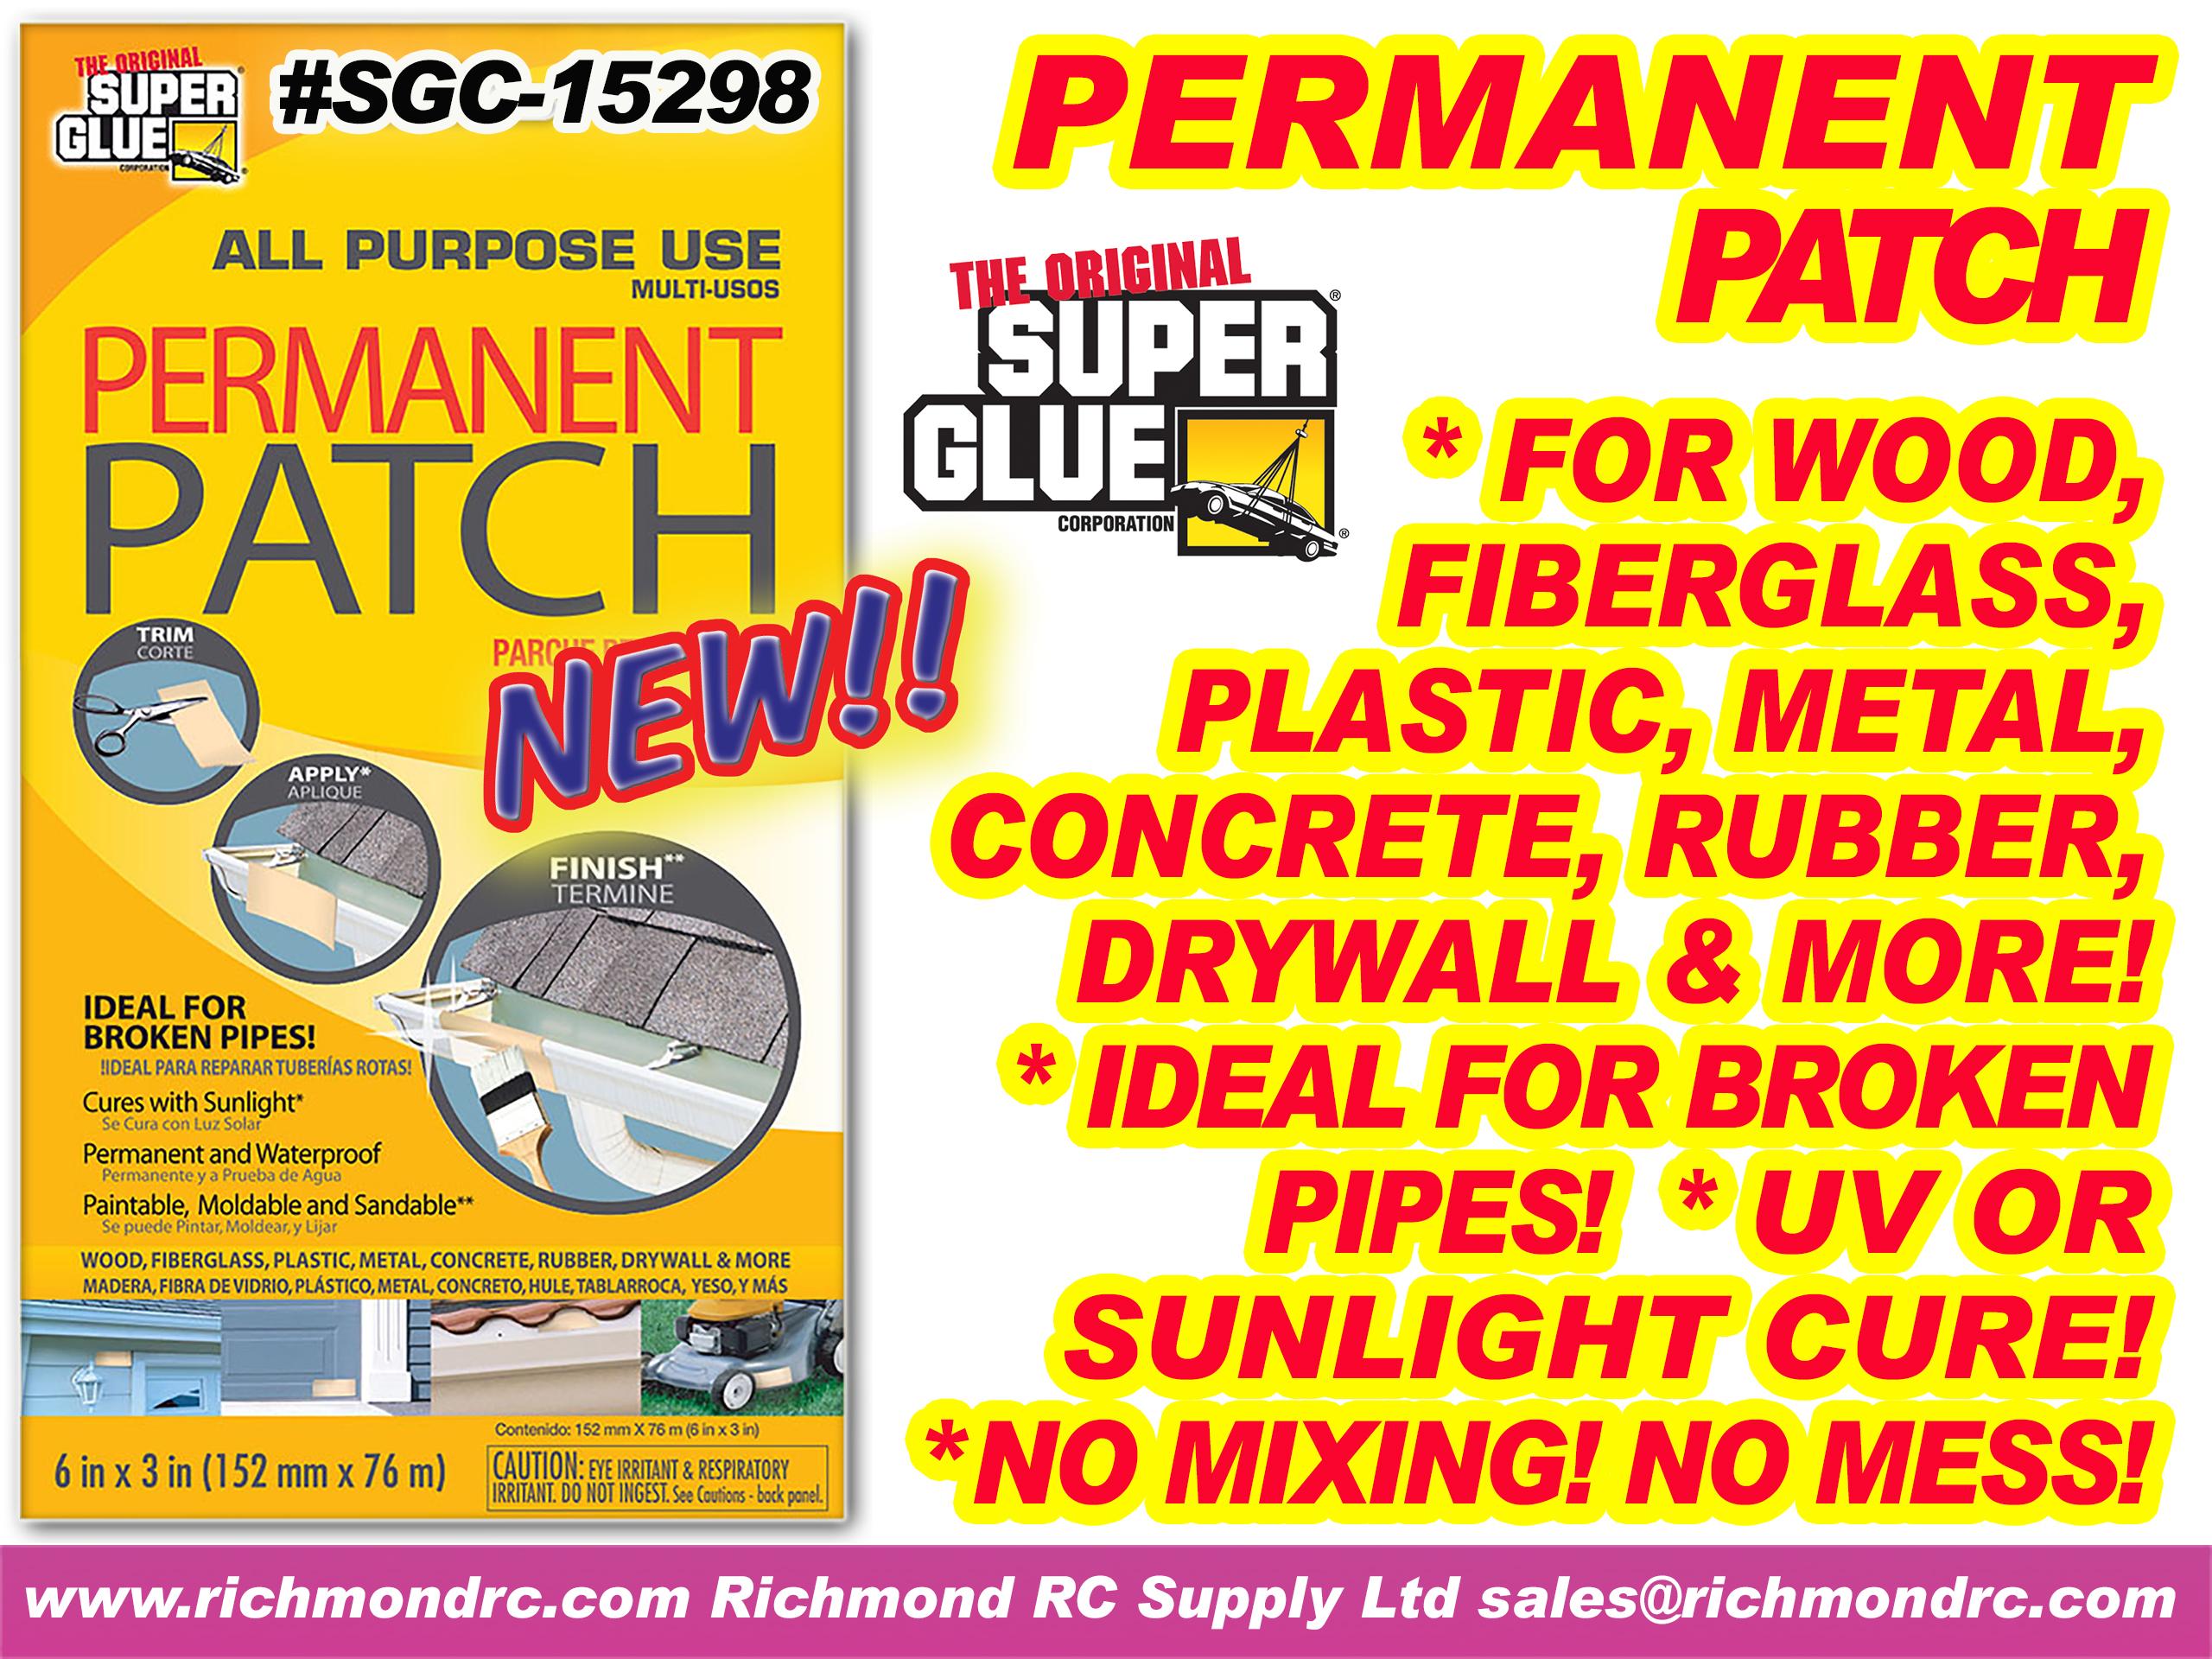 SGC-15298_PermanentPatch_stickerpix_active